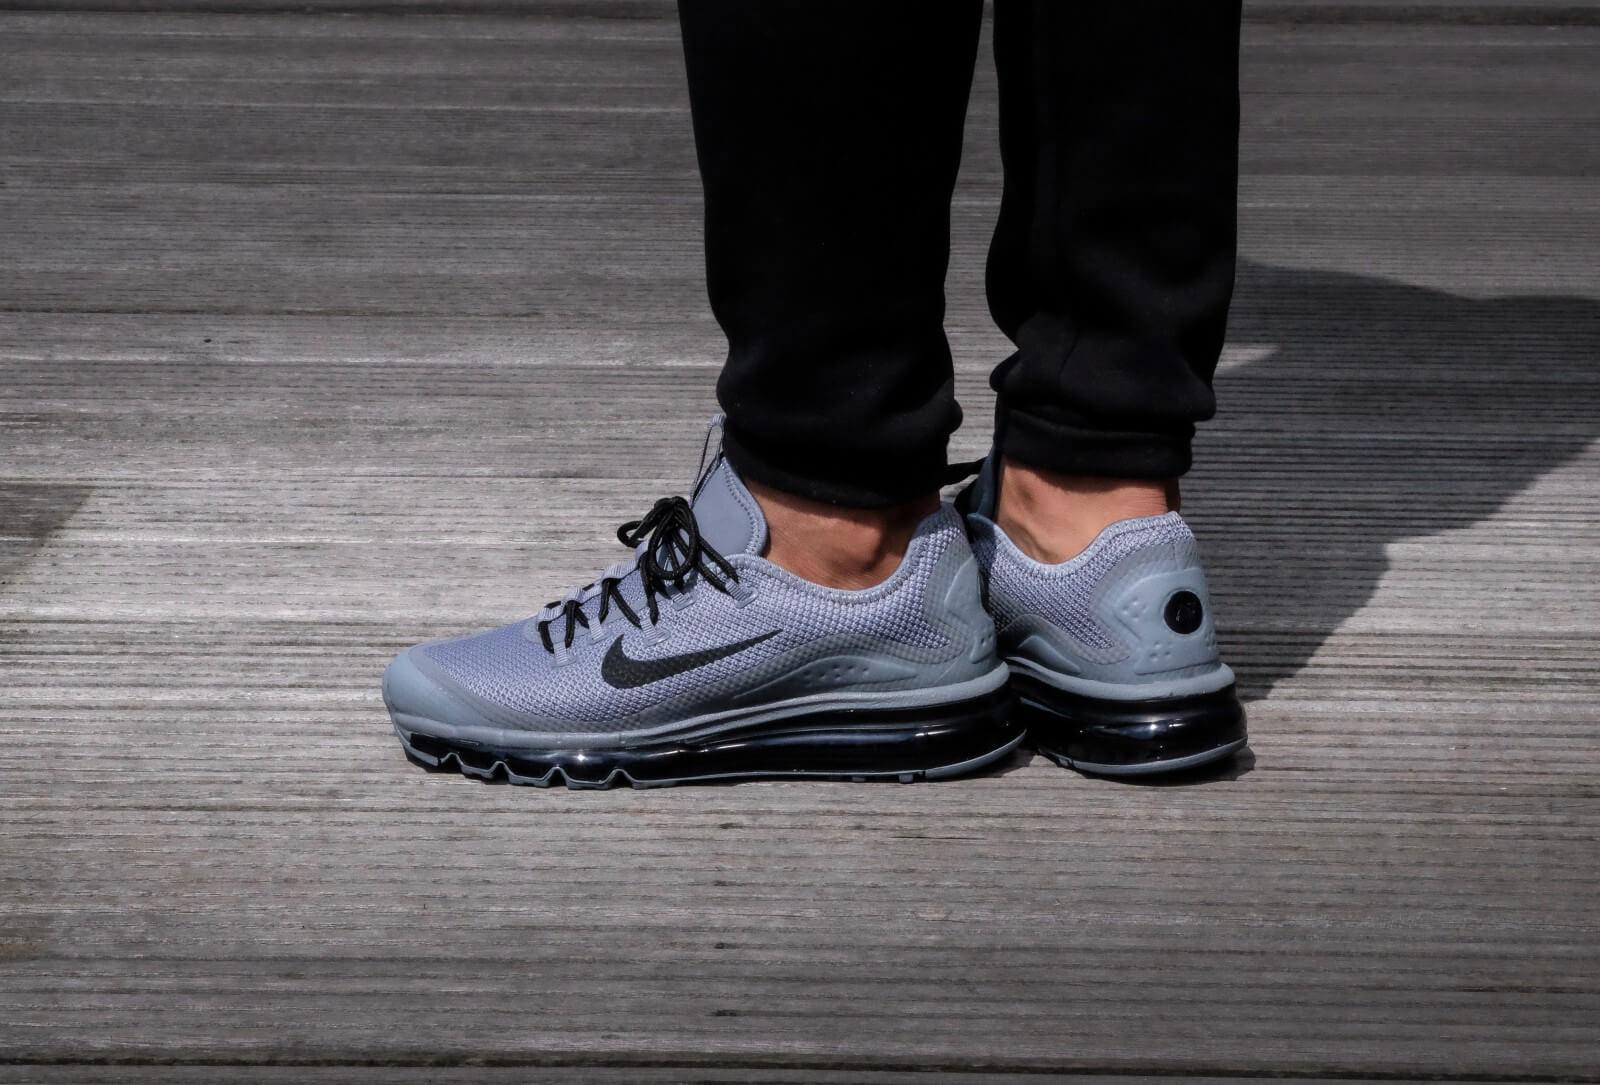 Nike Air Max More Cool Grey |